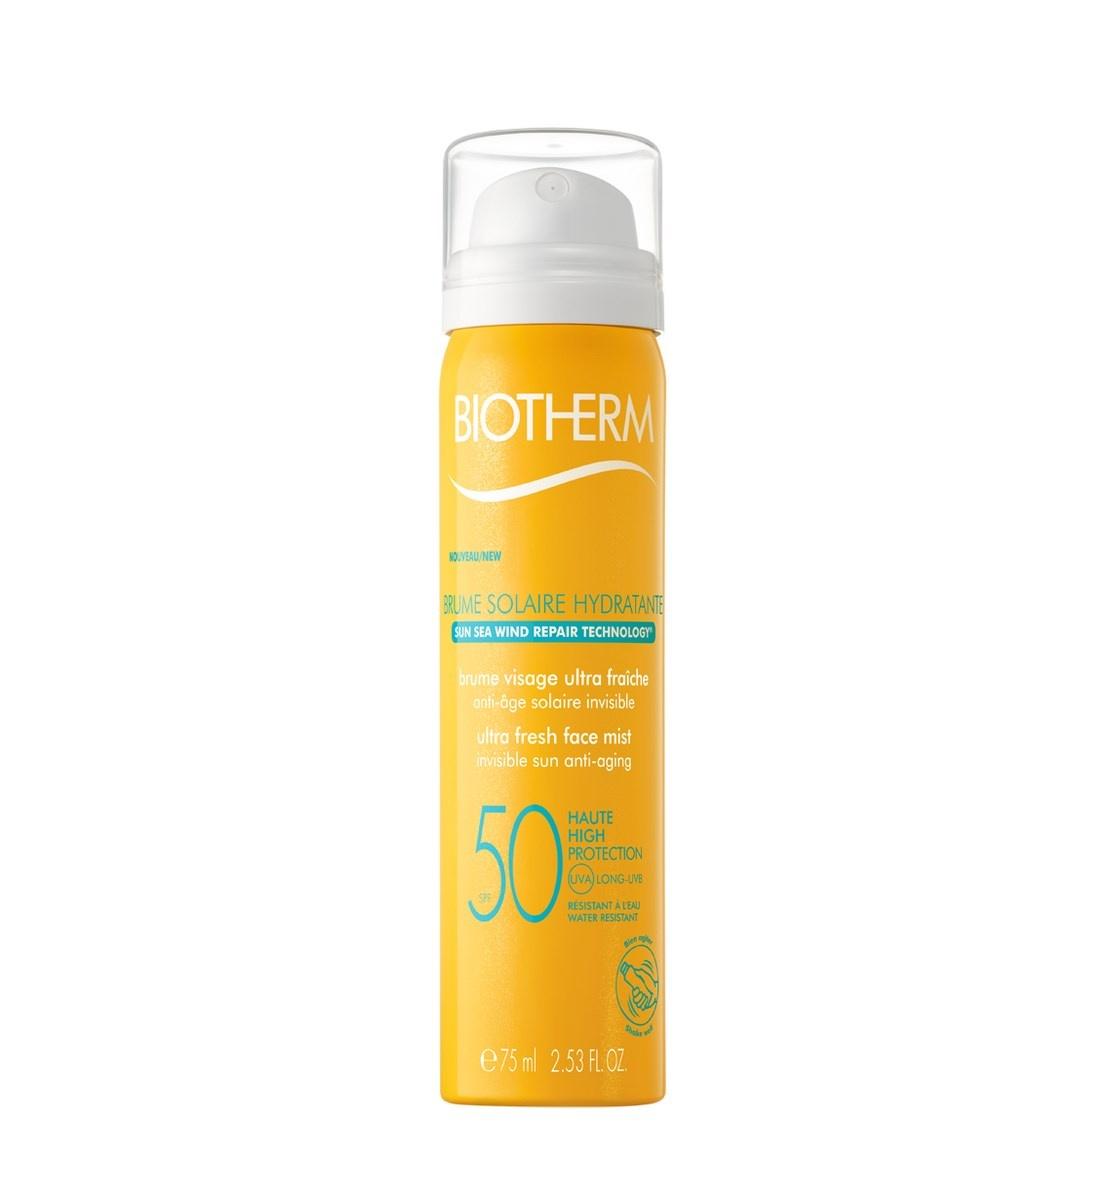 Biotherm Eau Solaire Hydratante Face Mist, 75 ml